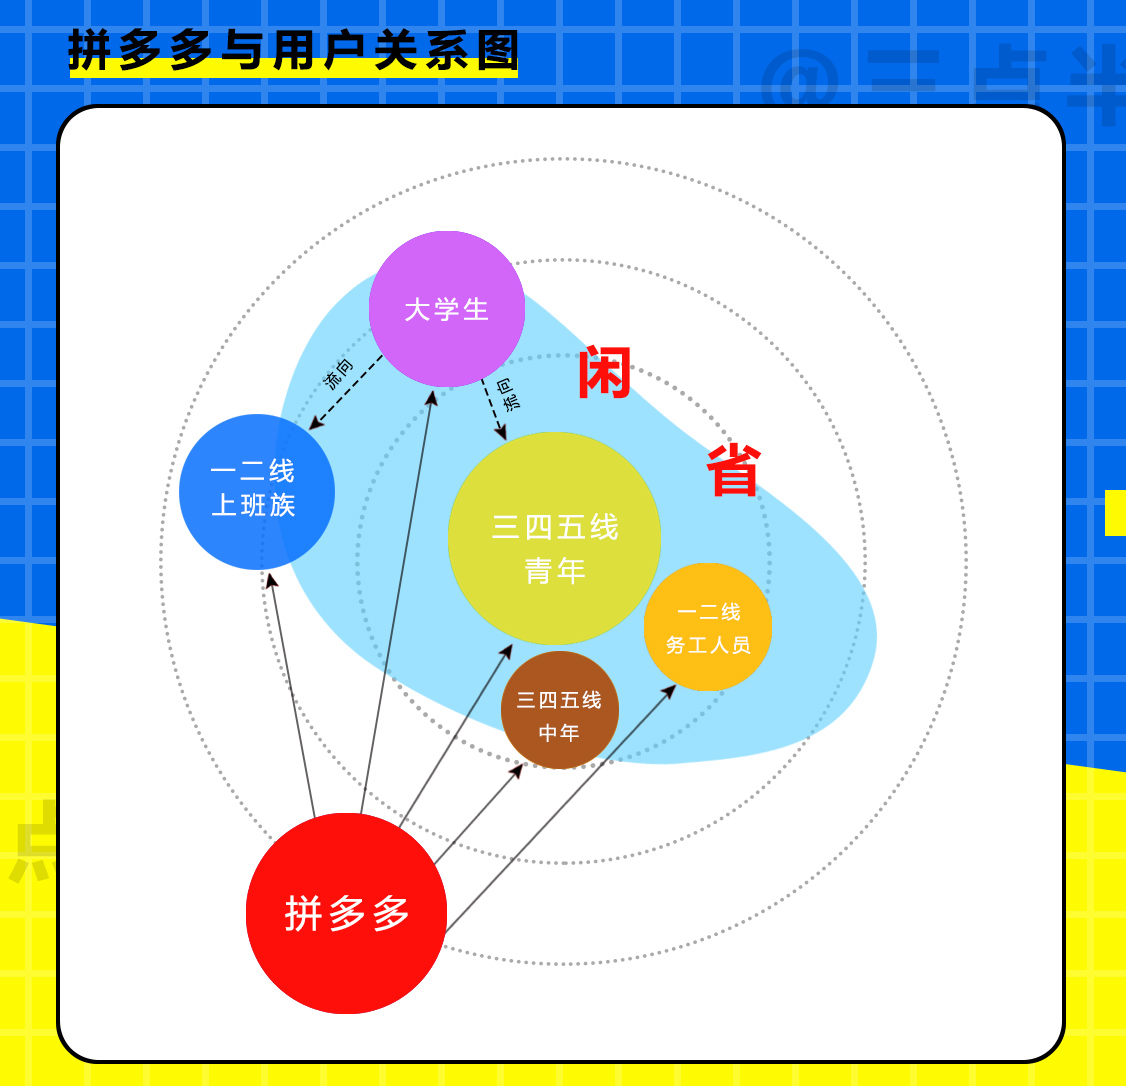 拼多多产品深度分析:用户分析篇(上)